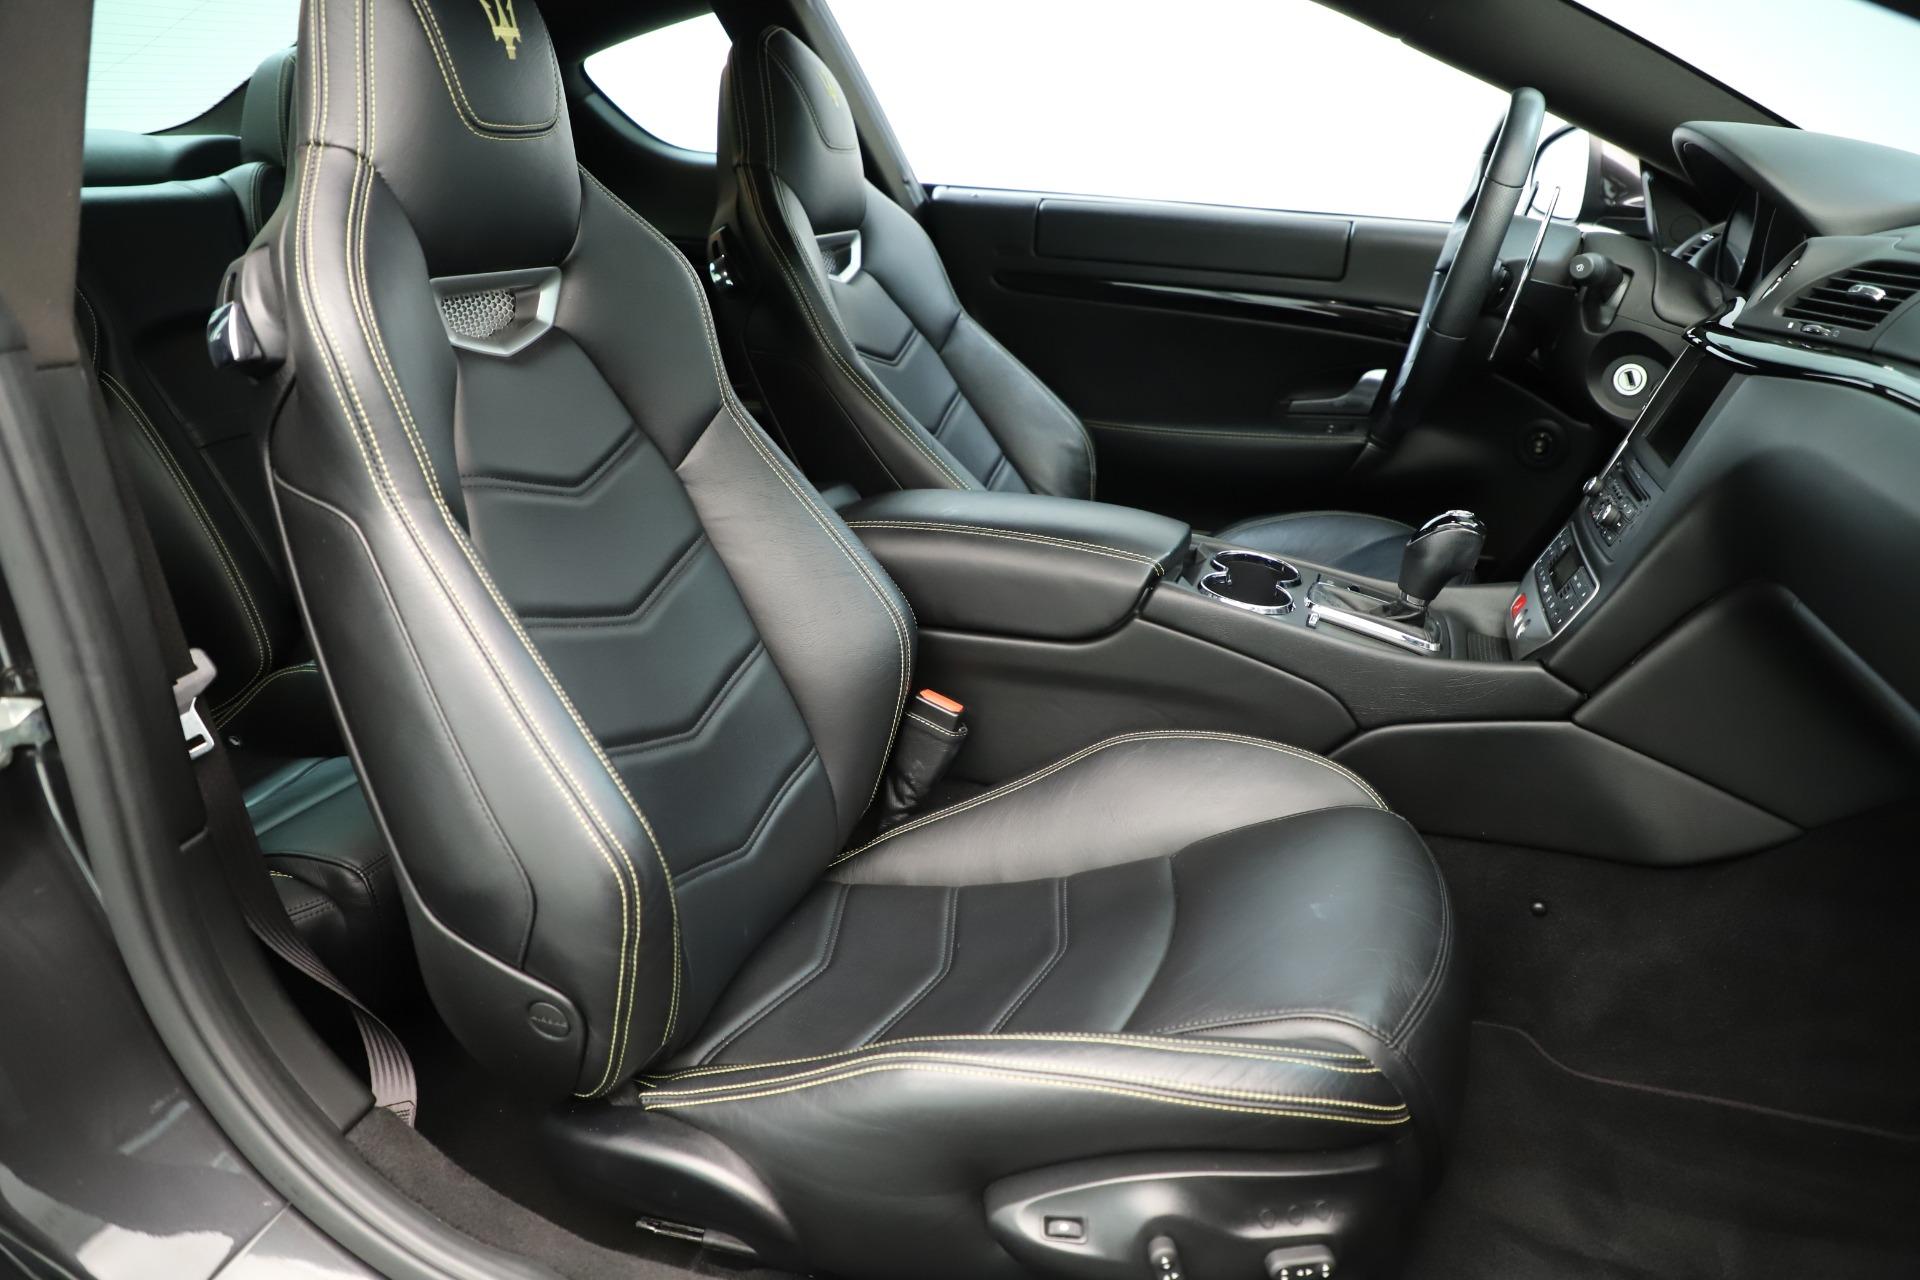 Used 2013 Maserati GranTurismo Sport For Sale In Greenwich, CT 3327_p21